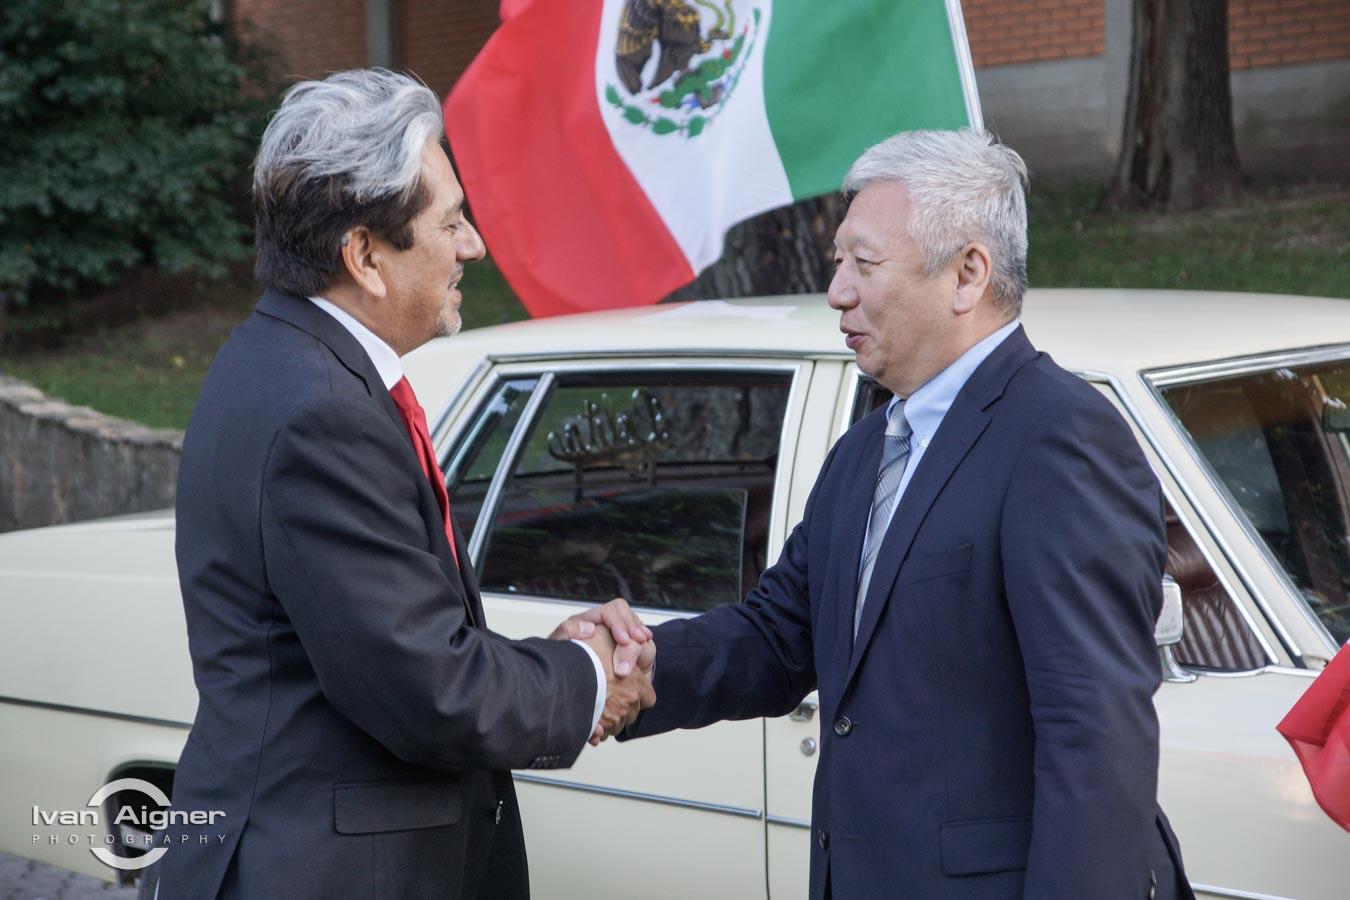 Őexc. David Nájera Rivas mexikói és Őexc. Duan Jielong kínai nagykövet